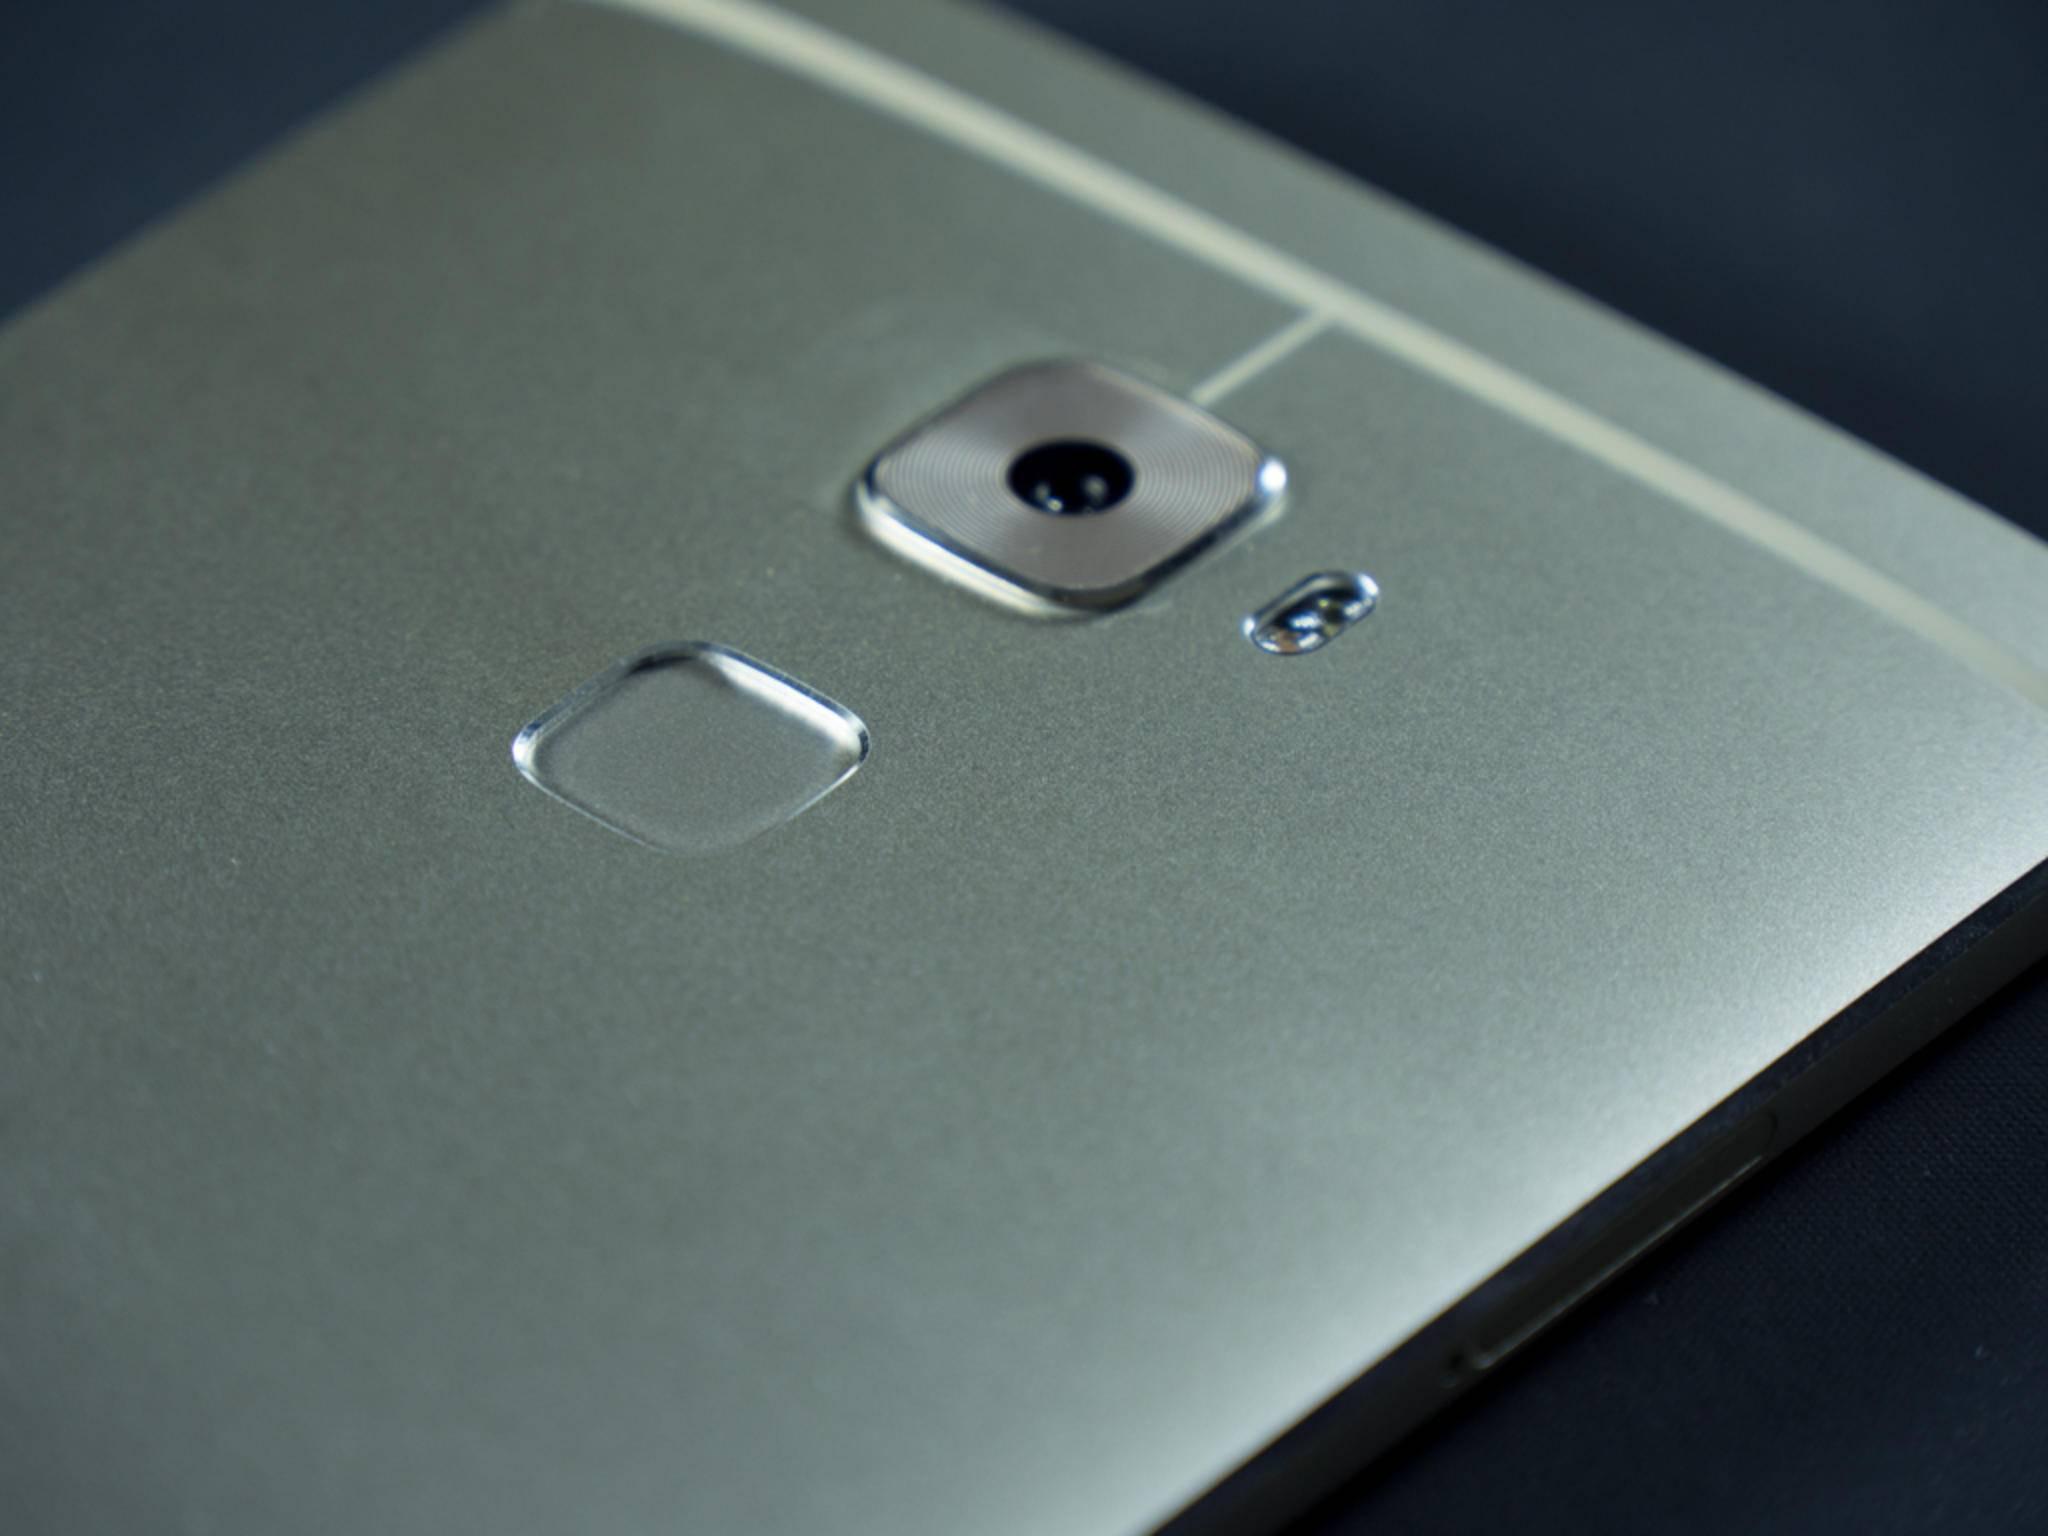 Der Fingerabdrucksensor dient auch als Touchpad.